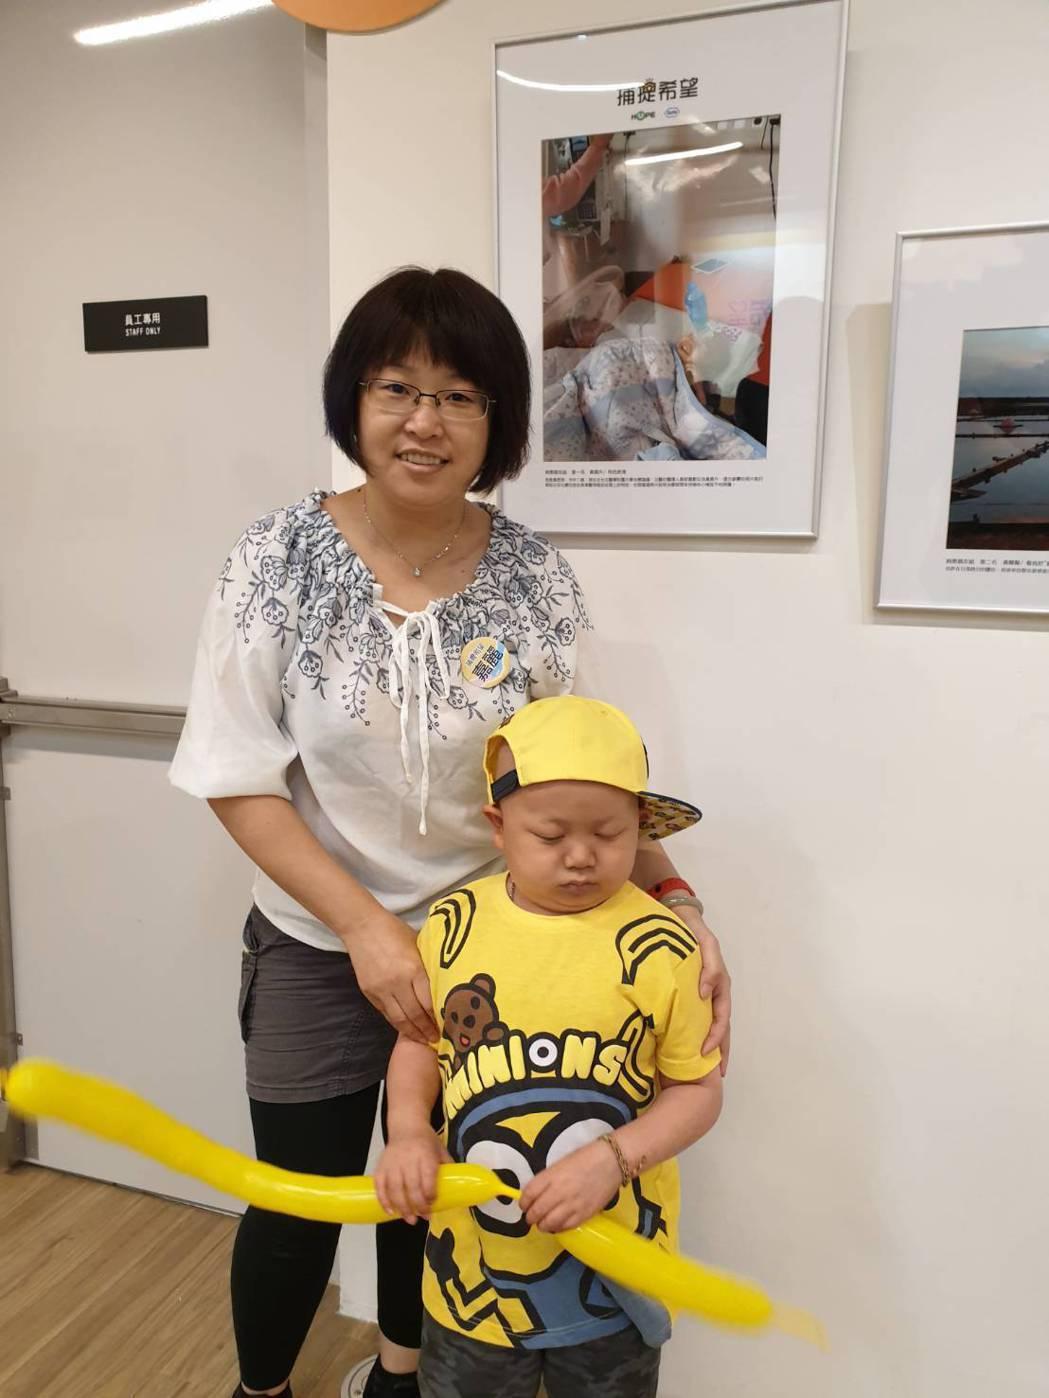 黃媽媽鄧嘉麗說,為了與疾病對抗,兒子從小吃藥、打針都不會哭鬧,而且還會盡其所能逗...